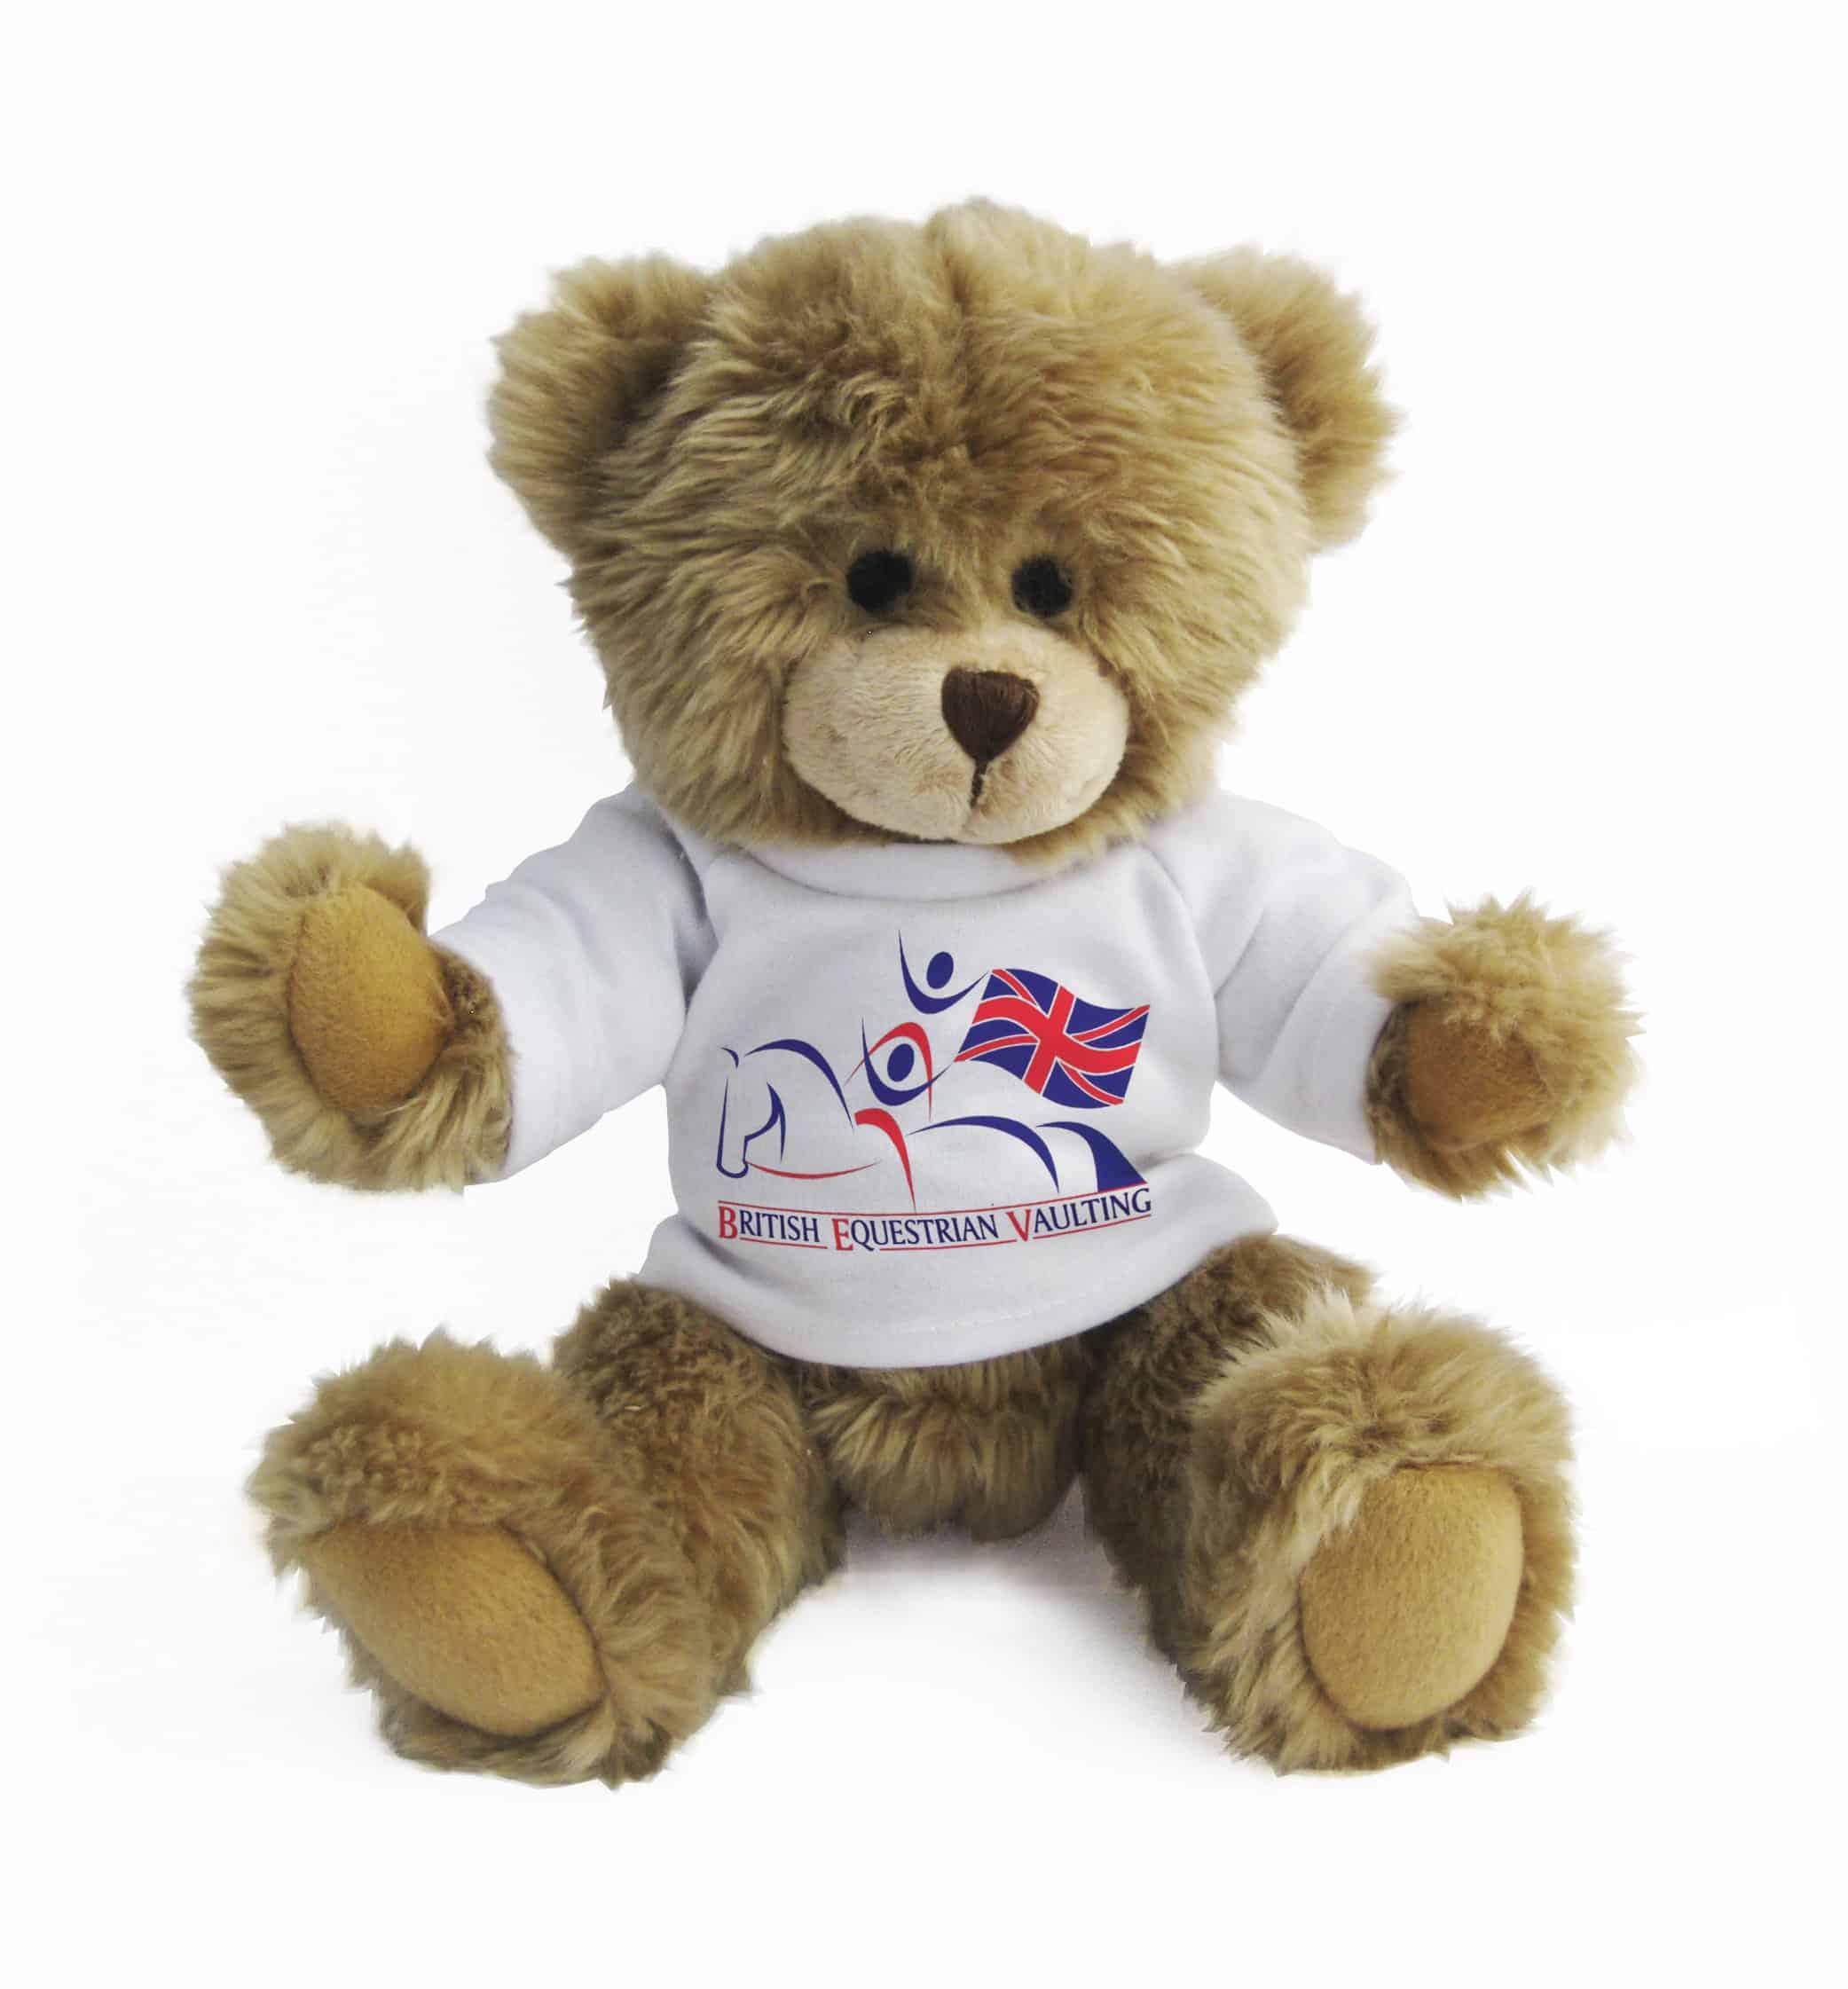 British Equestrian Vaulting Teddy Bear